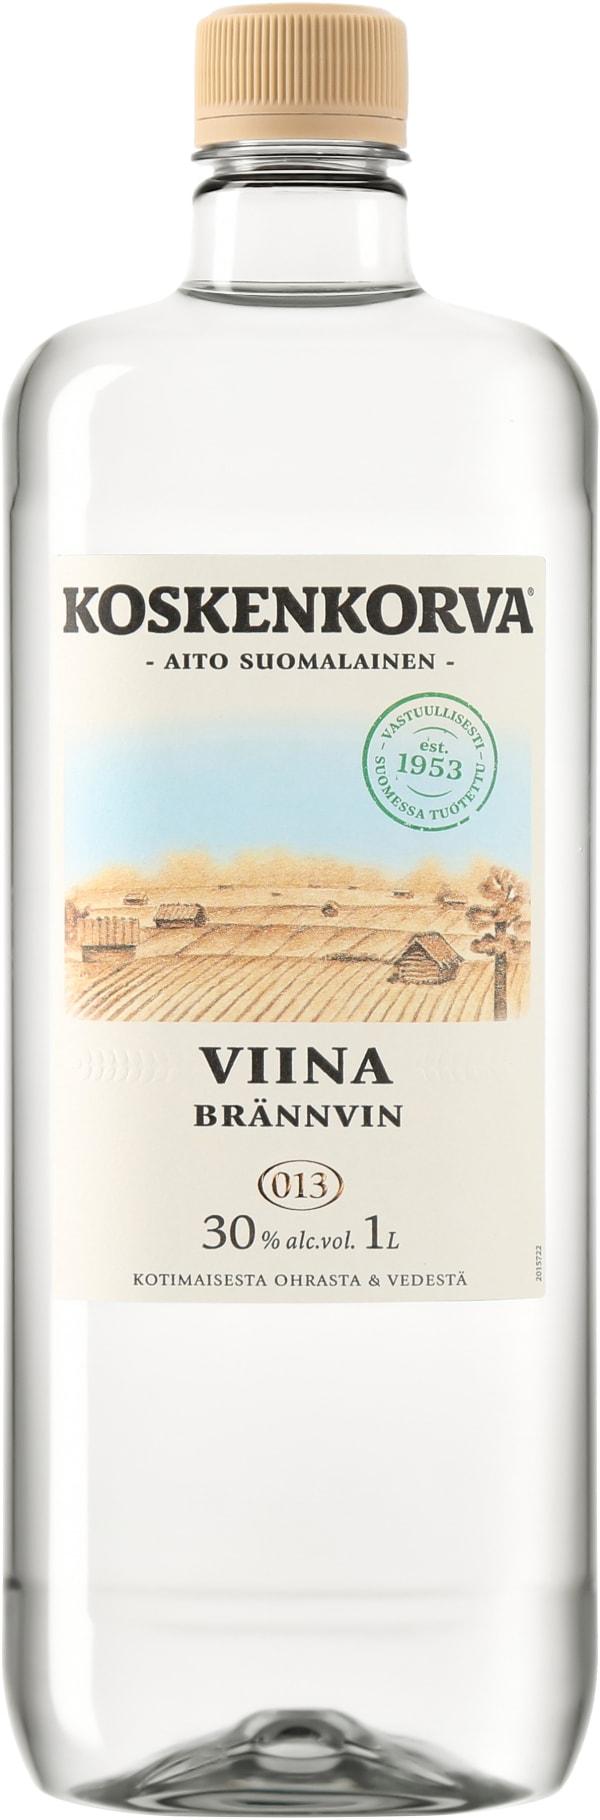 Koskenkorva Viina 30 % plastic bottle